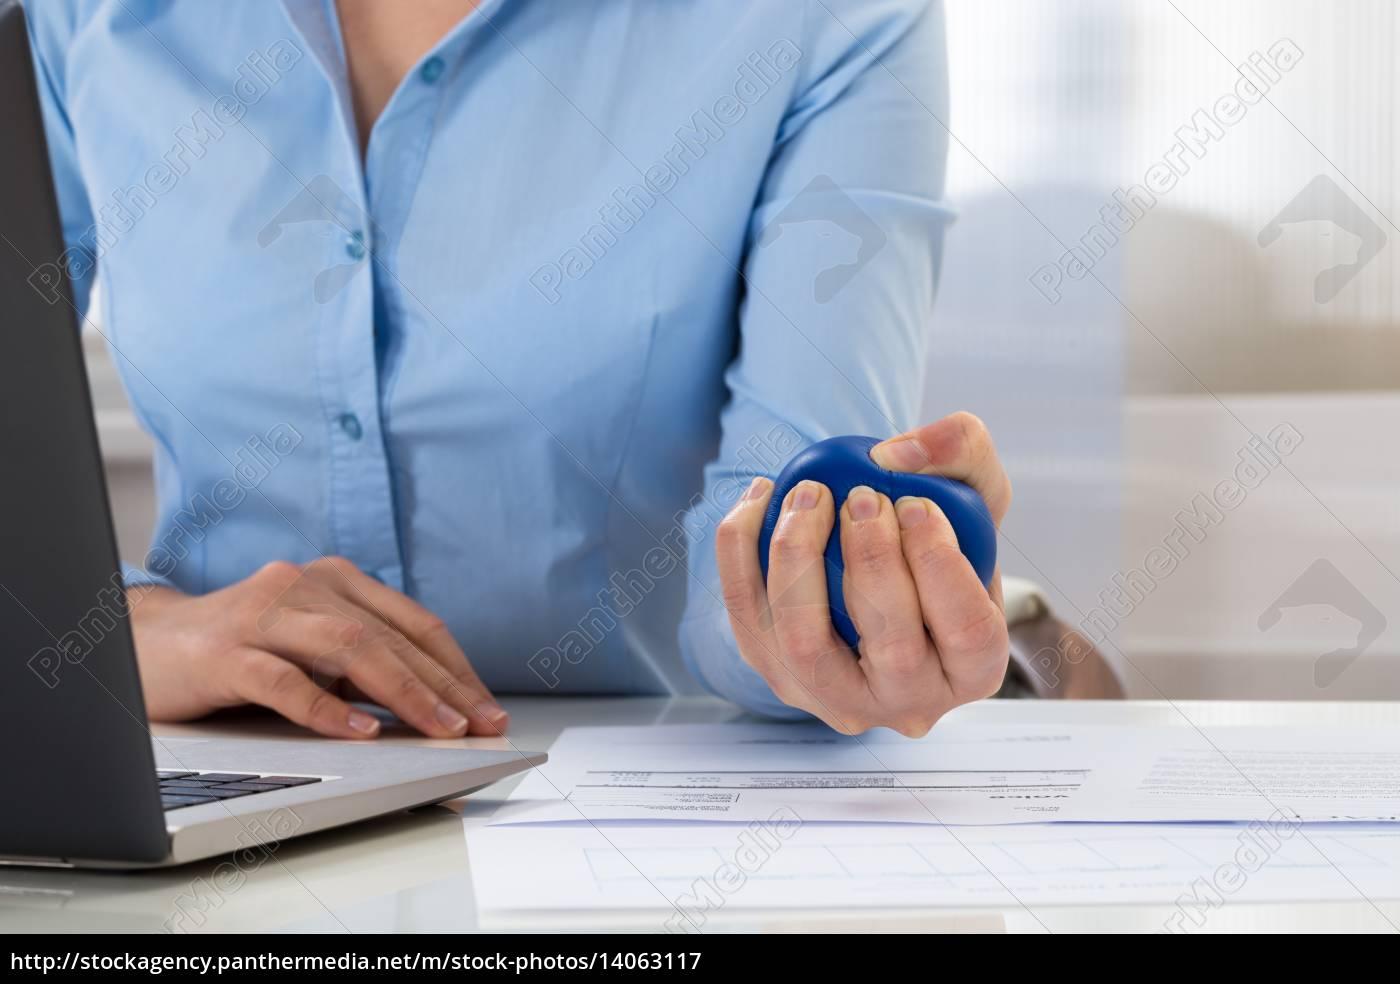 businesswoman, holding, stress, ball - 14063117